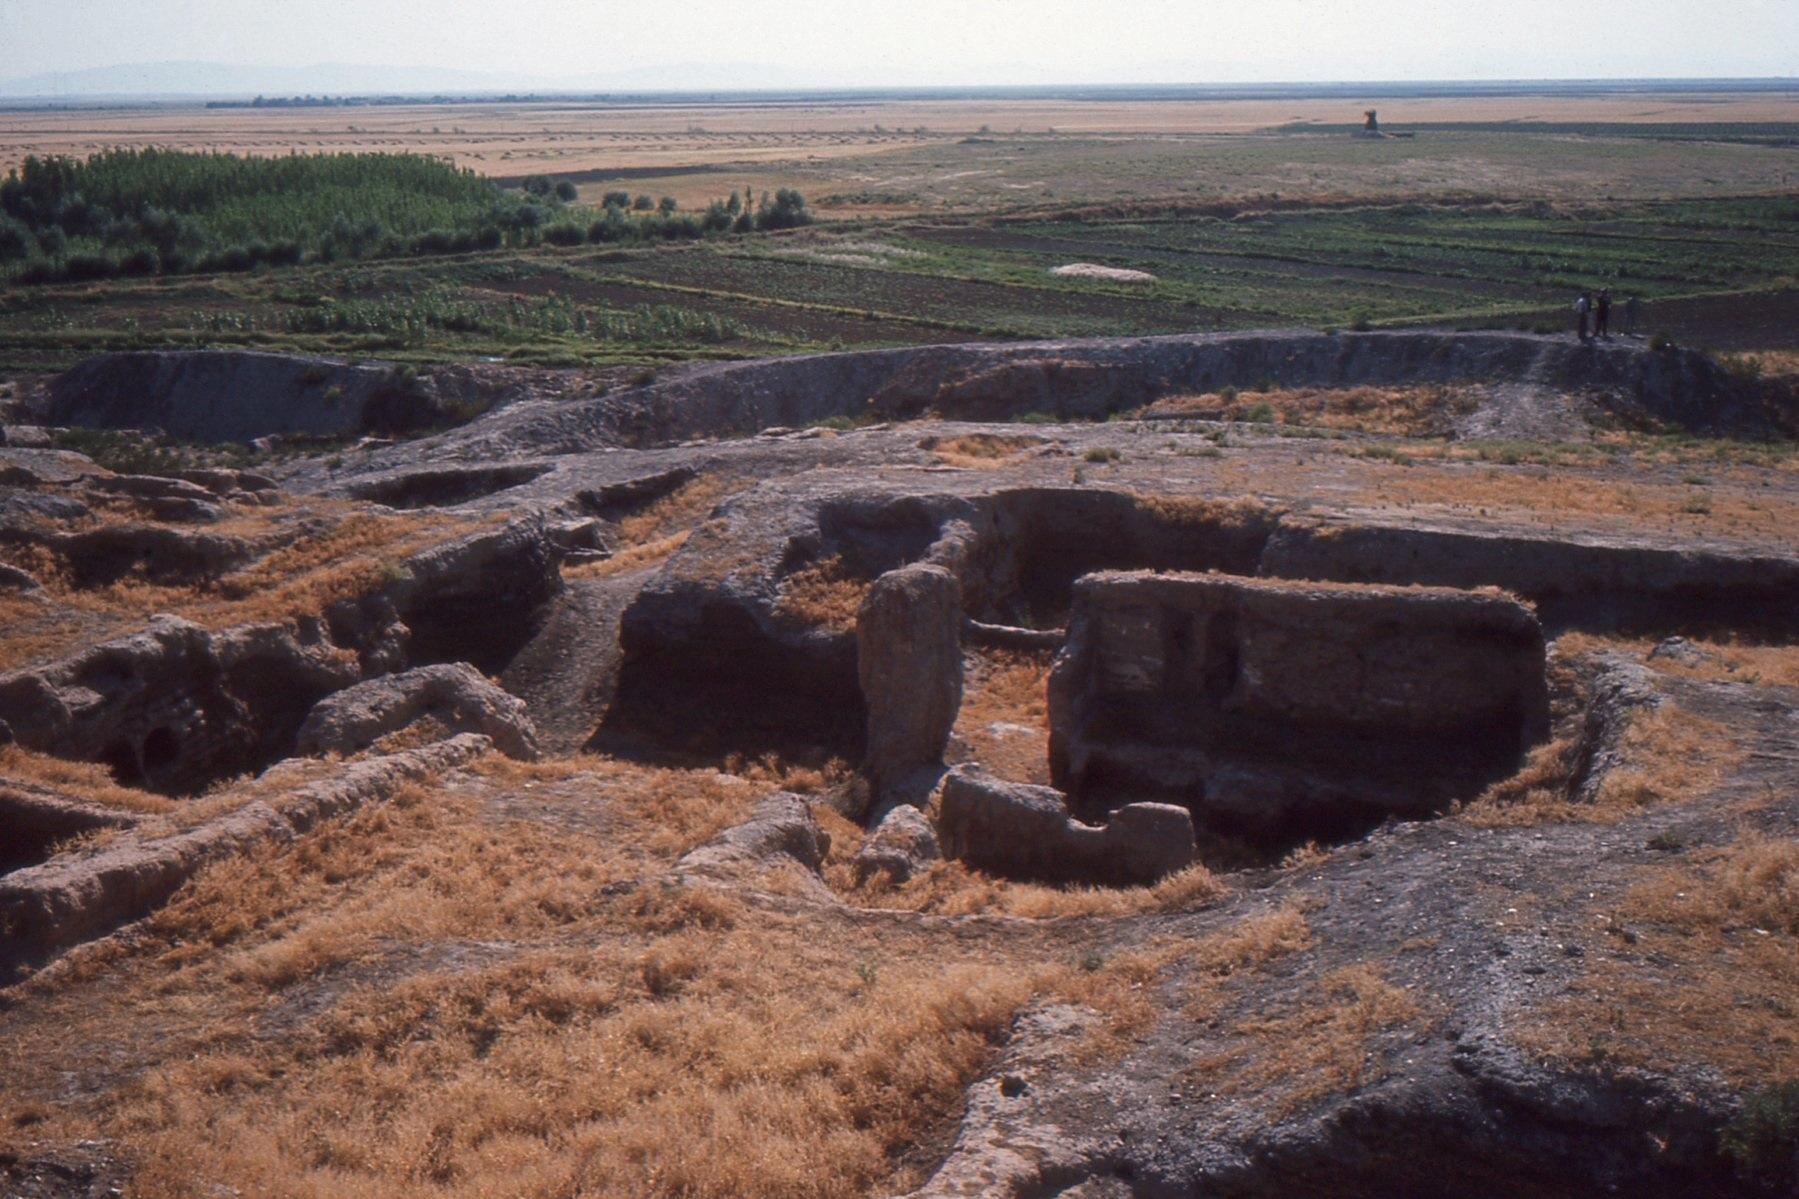 File:Çatalhöyük with surroundings..jpg - Wikimedia Commons